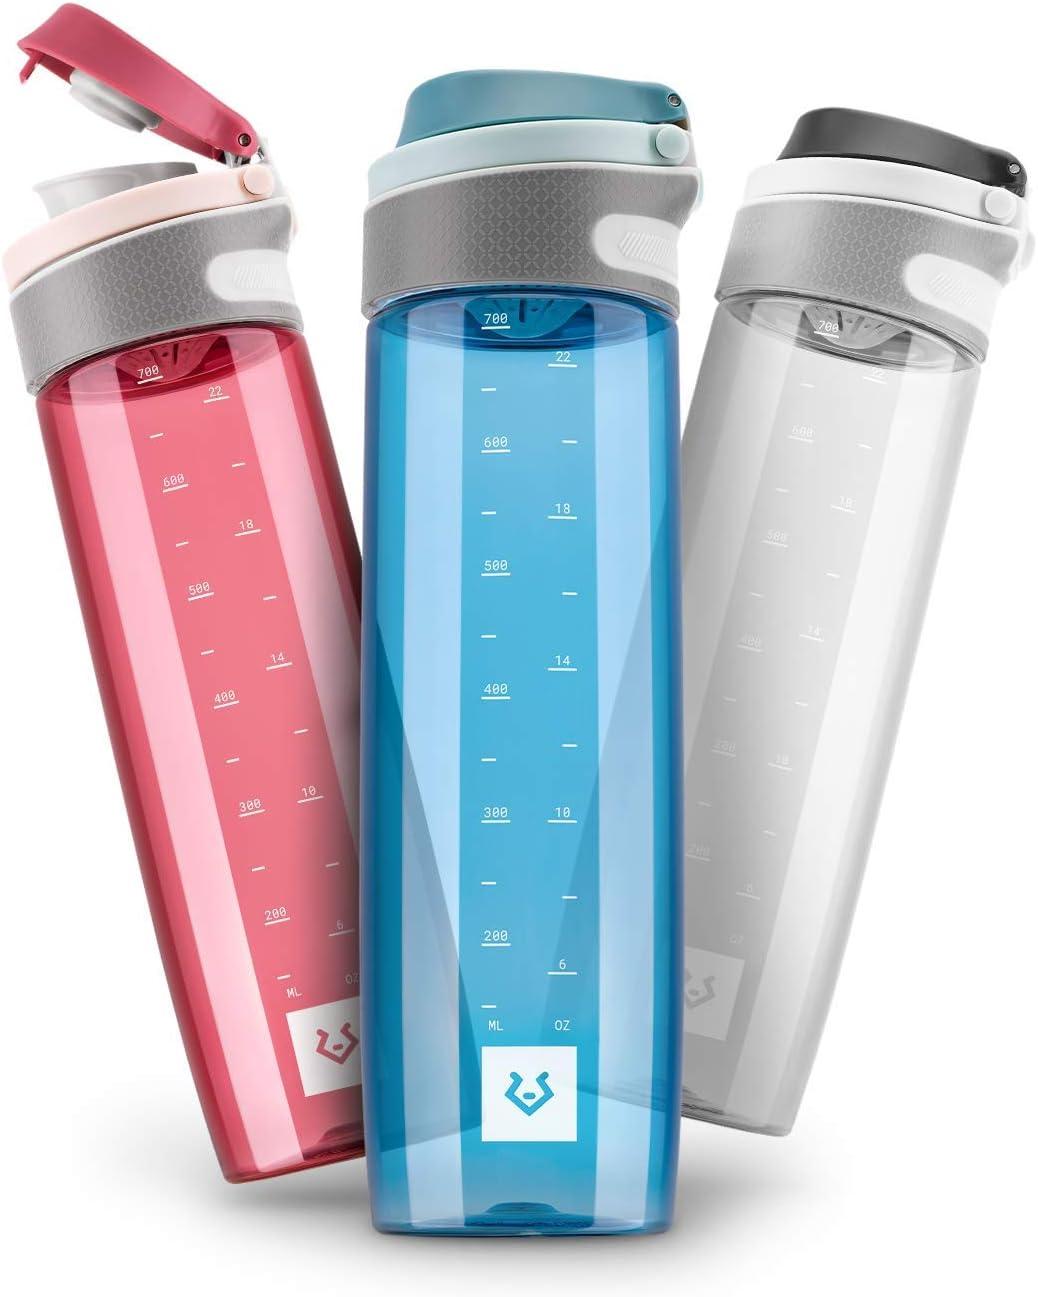 Alphatrail Botella Agua Tritan Jay 750ml I 100% Prueba de Fugas I sin BPA & Ecológicamente I Seguro Lavavajillas I para una hidratación óptima en la Vida Diaria